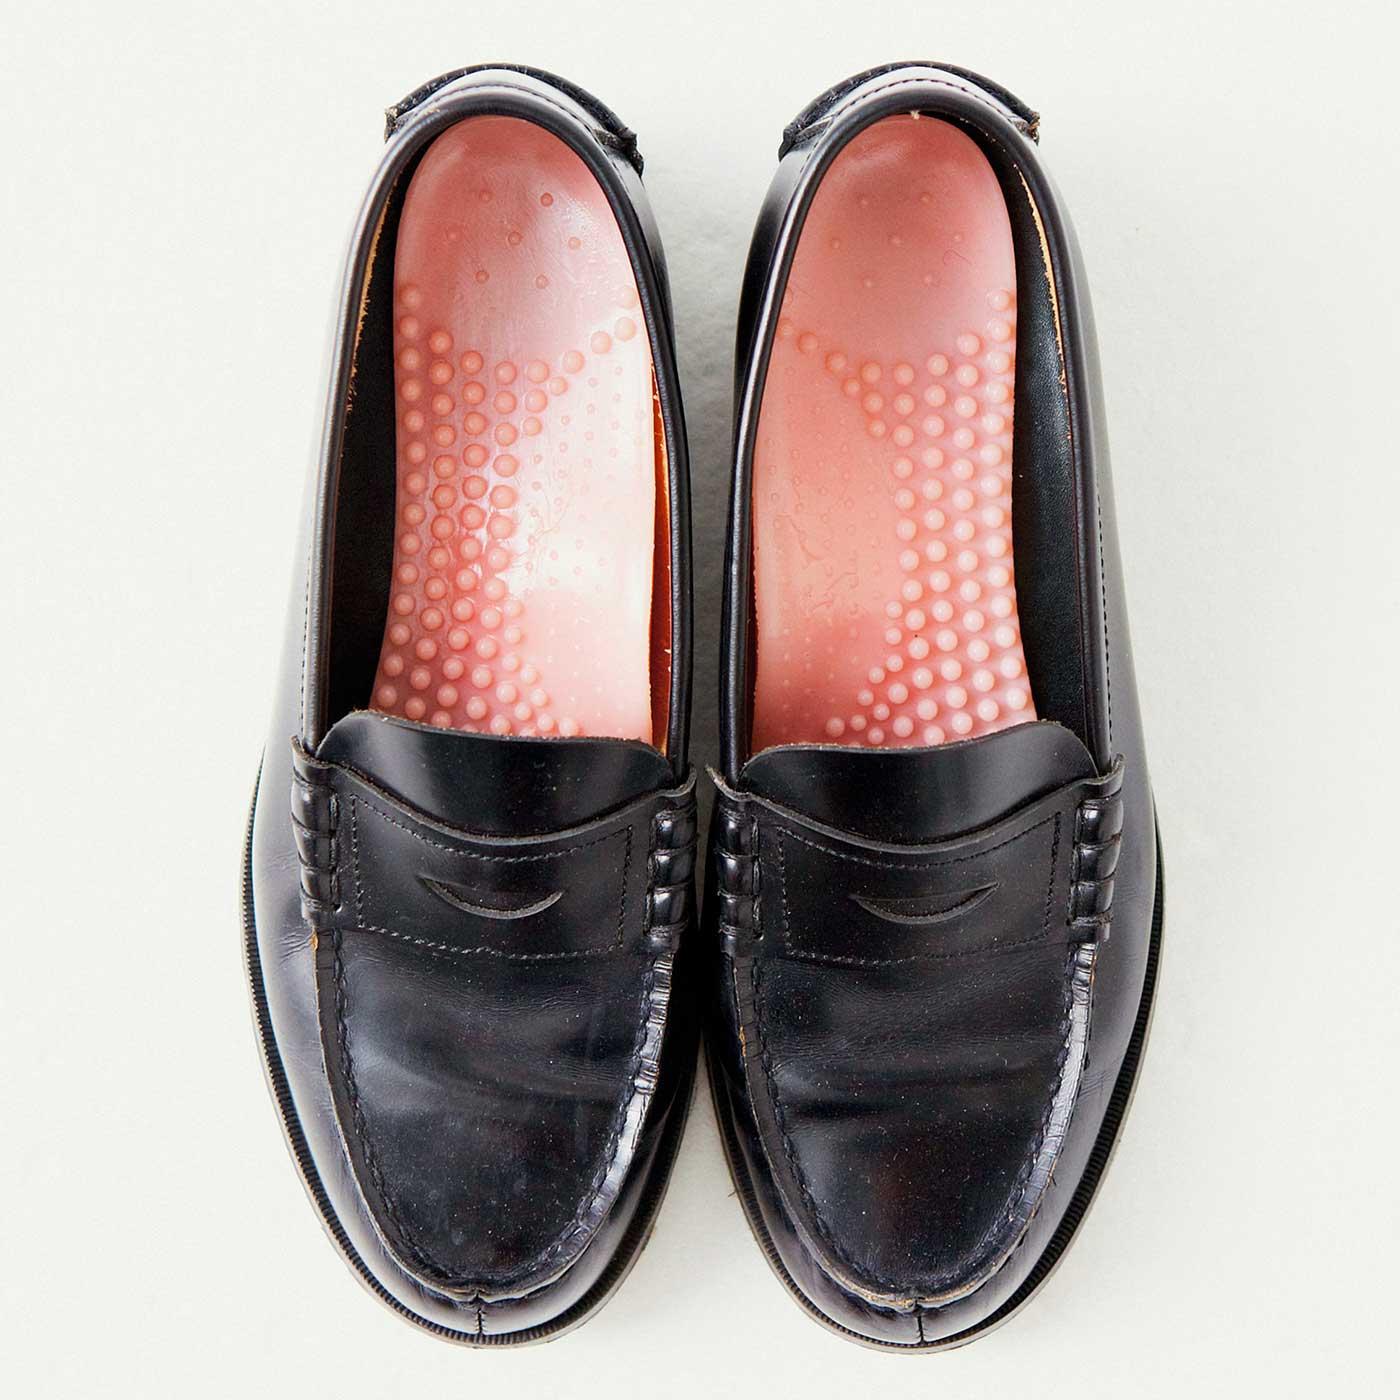 靴のかかと側に合わせて敷くだけ。いろいろな形、サイズの靴に対応。